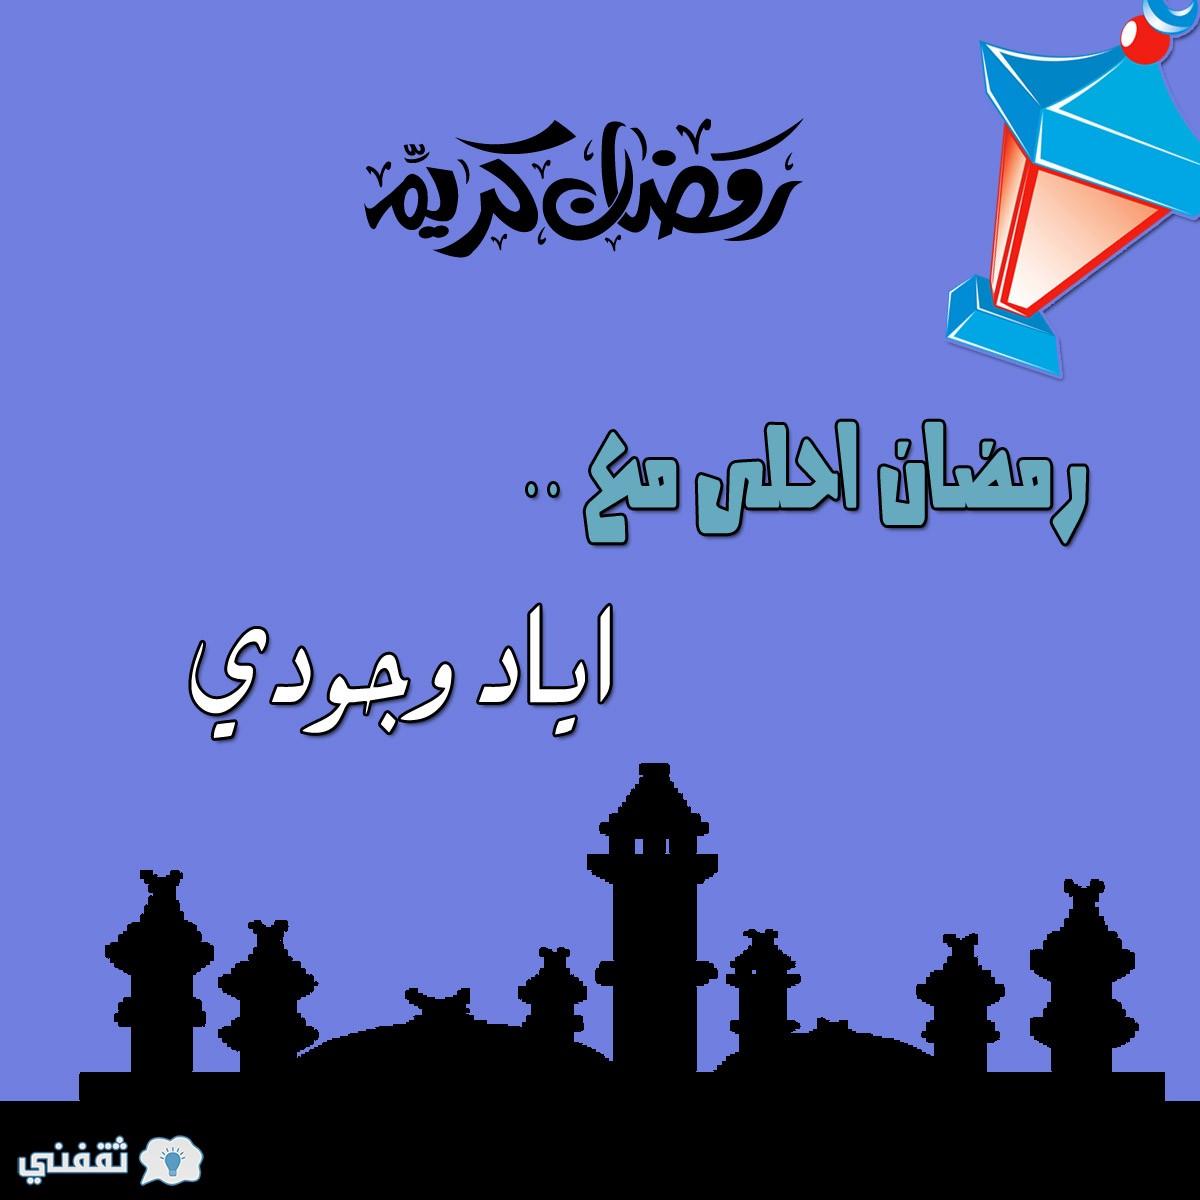 رمضان احلى مع مودة